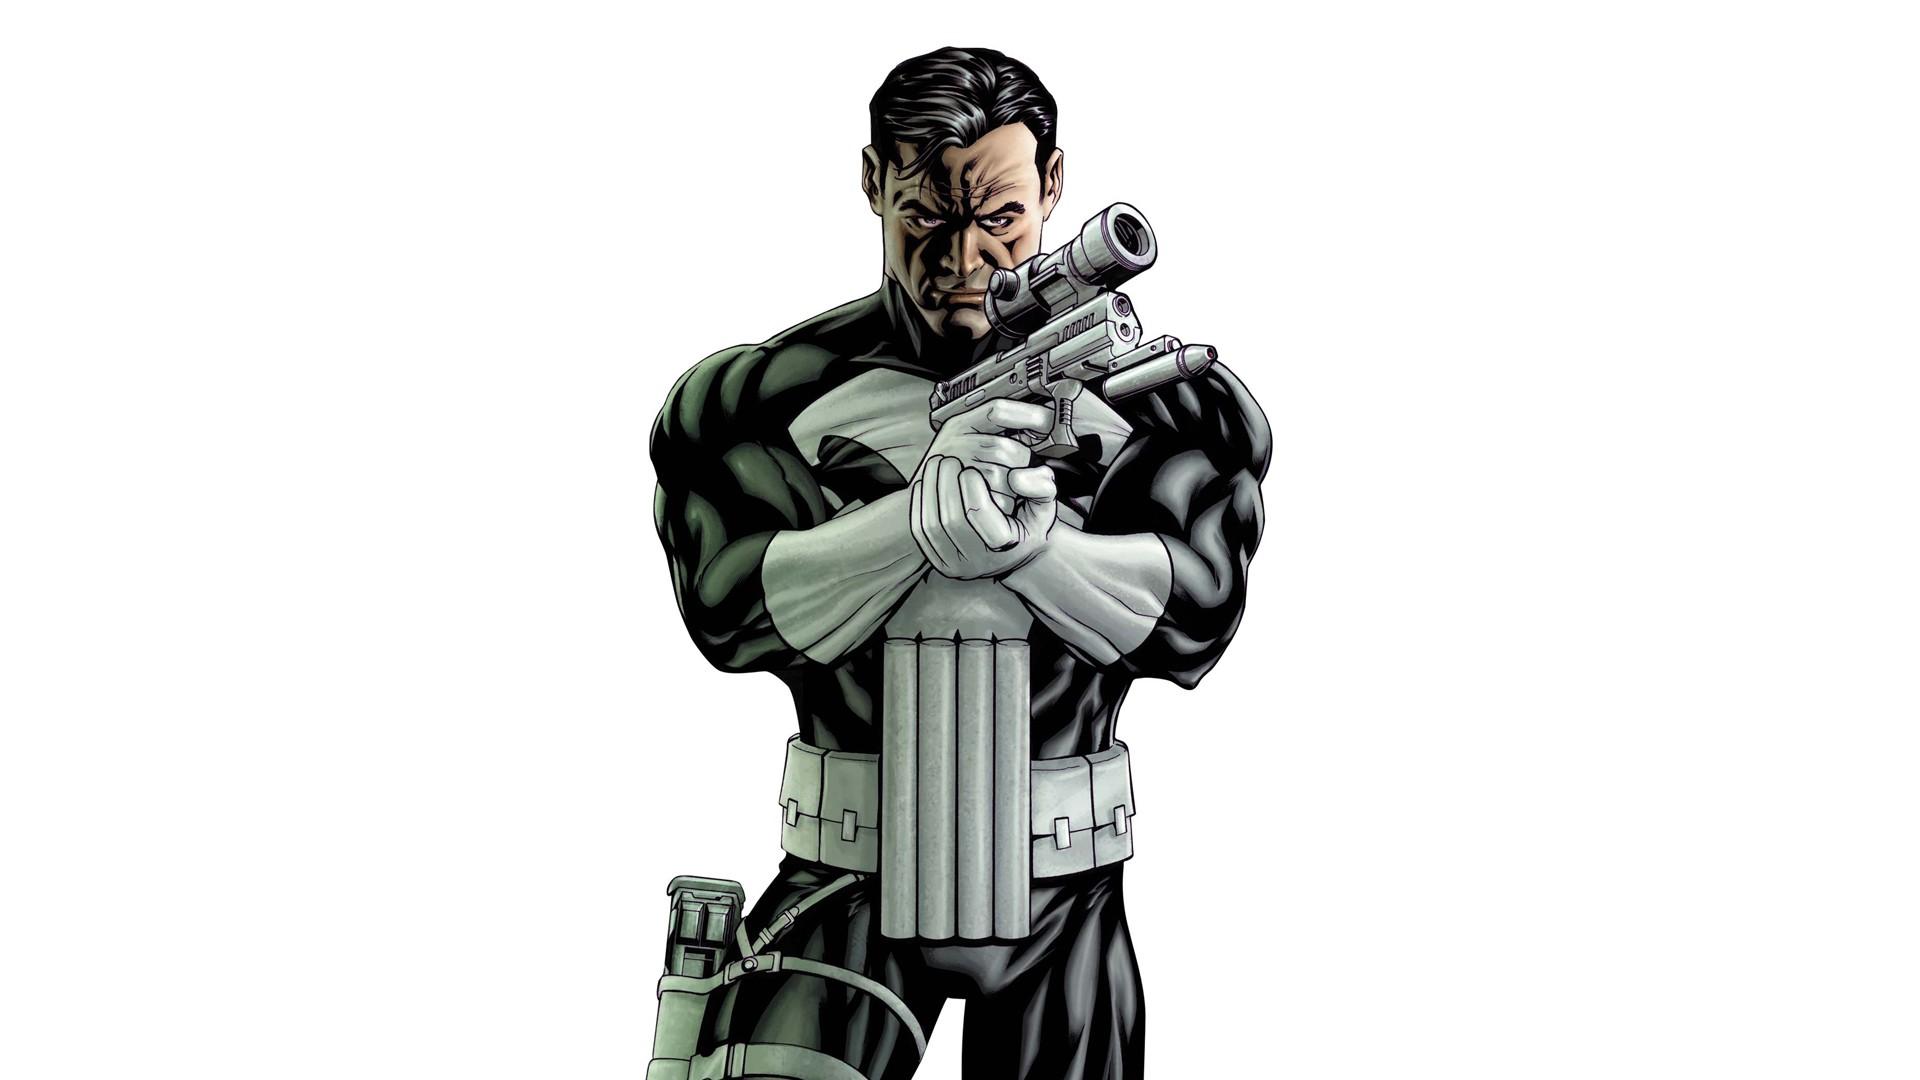 Best Wallpaper Marvel Punisher - PJIF3Z  2018_437366.jpg